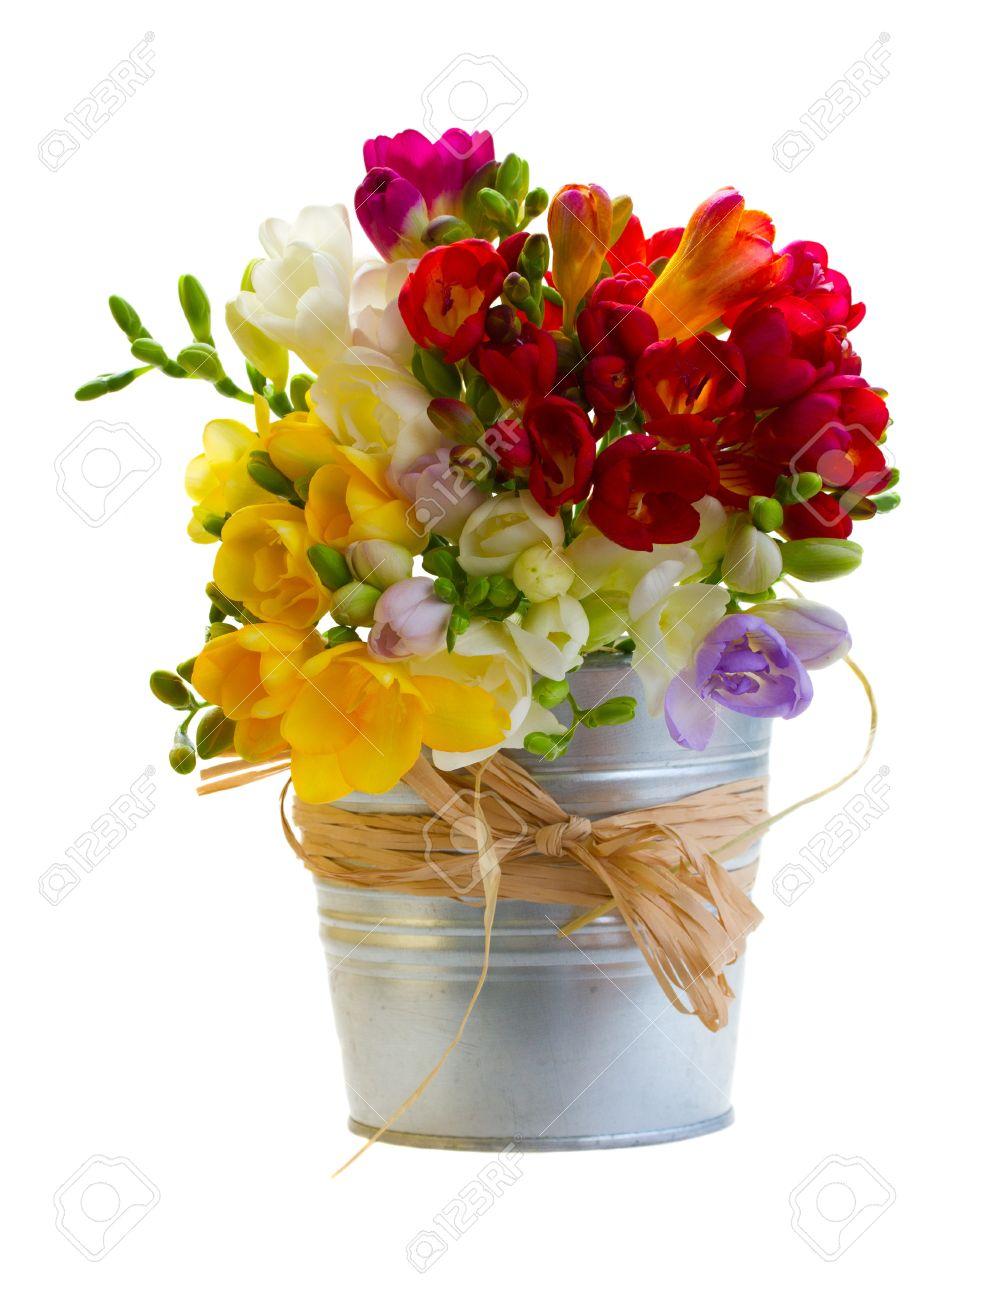 Beliebt Bevorzugt Bouquet Von Freesien Blumen In Metall-Topf Auf Weißem Hintergrund @VS_76